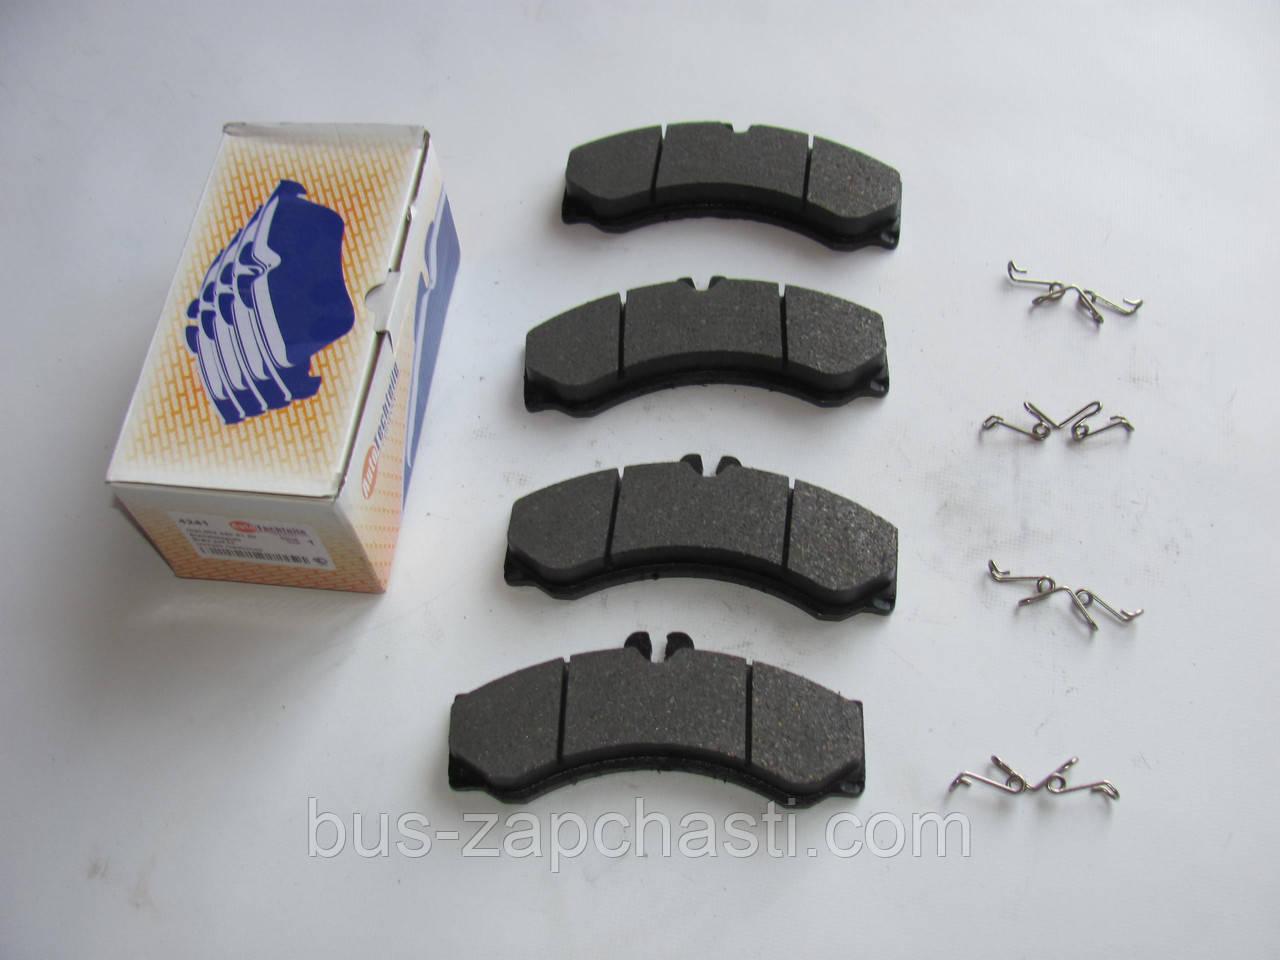 Передние / задние колодки MB Sprinter 408-416, VW LT 46 1996-2006 — Autotechteile (Германия) — 100 4241